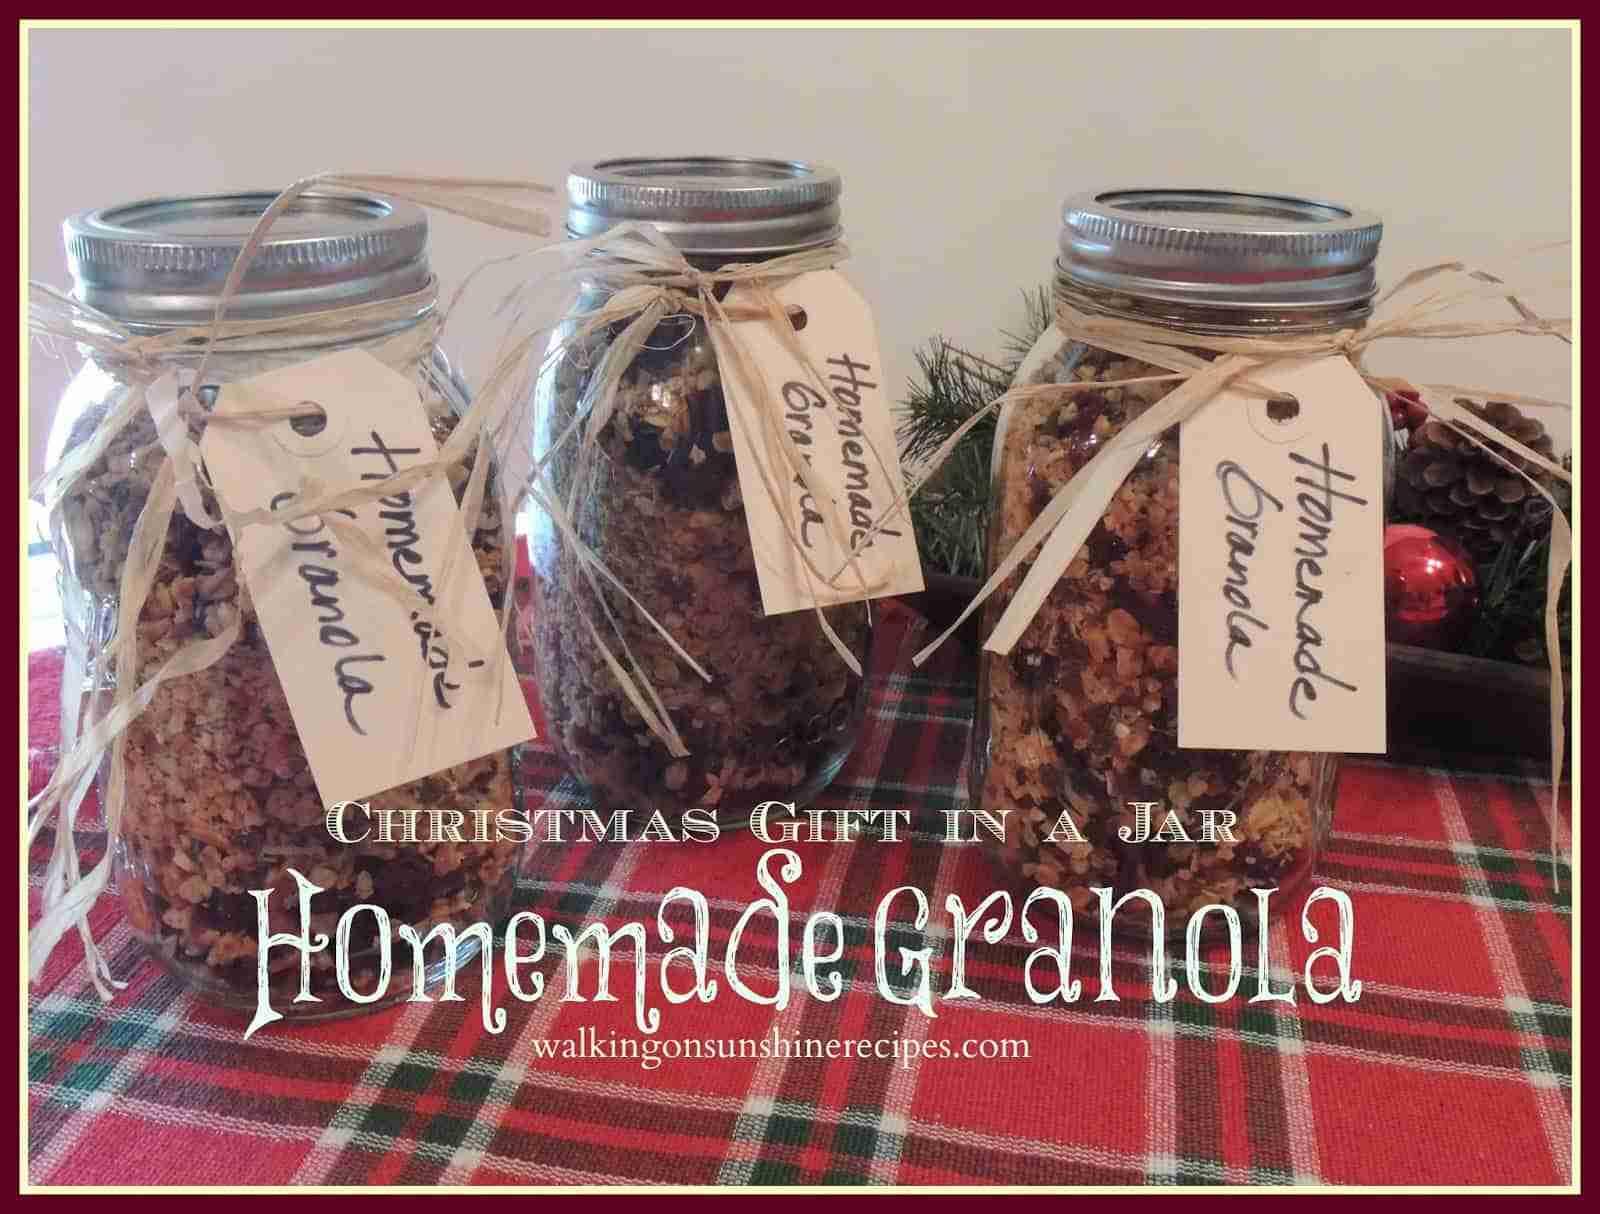 Granola Christmas Gift promo